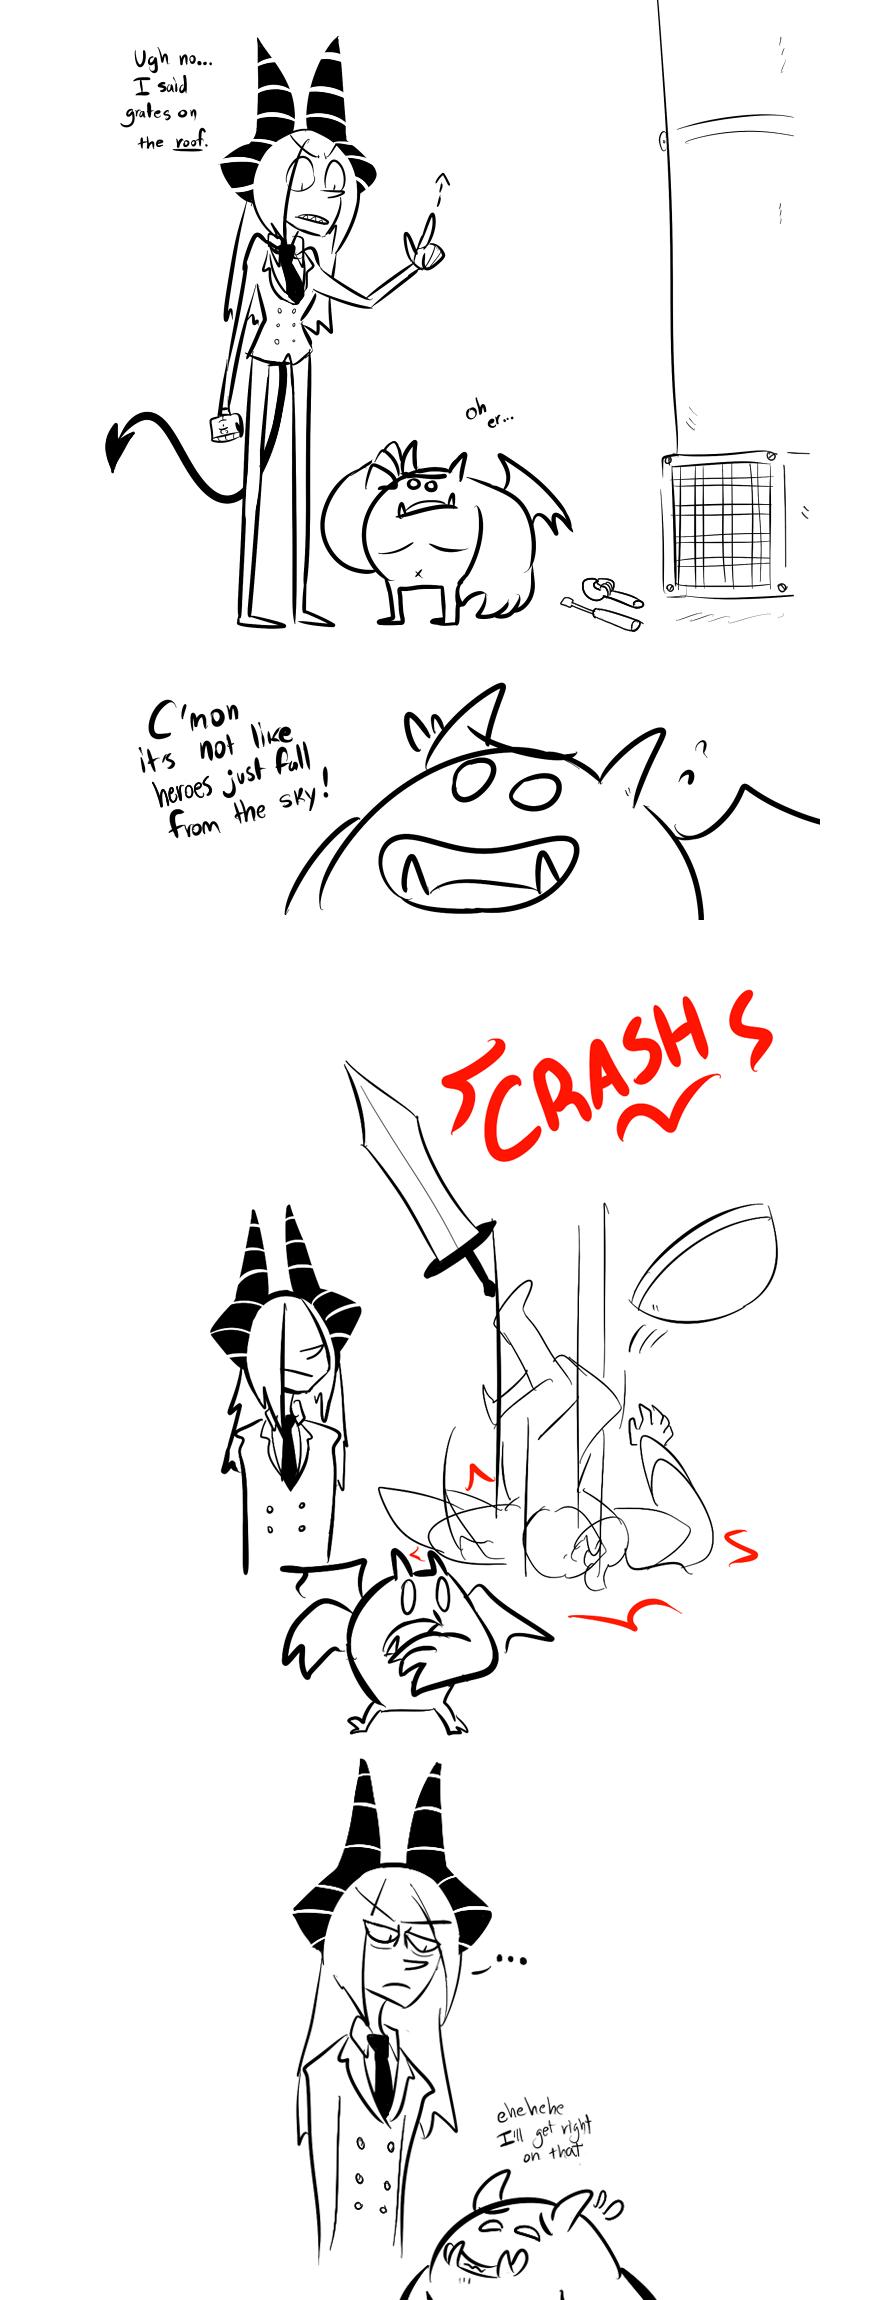 A grate comic